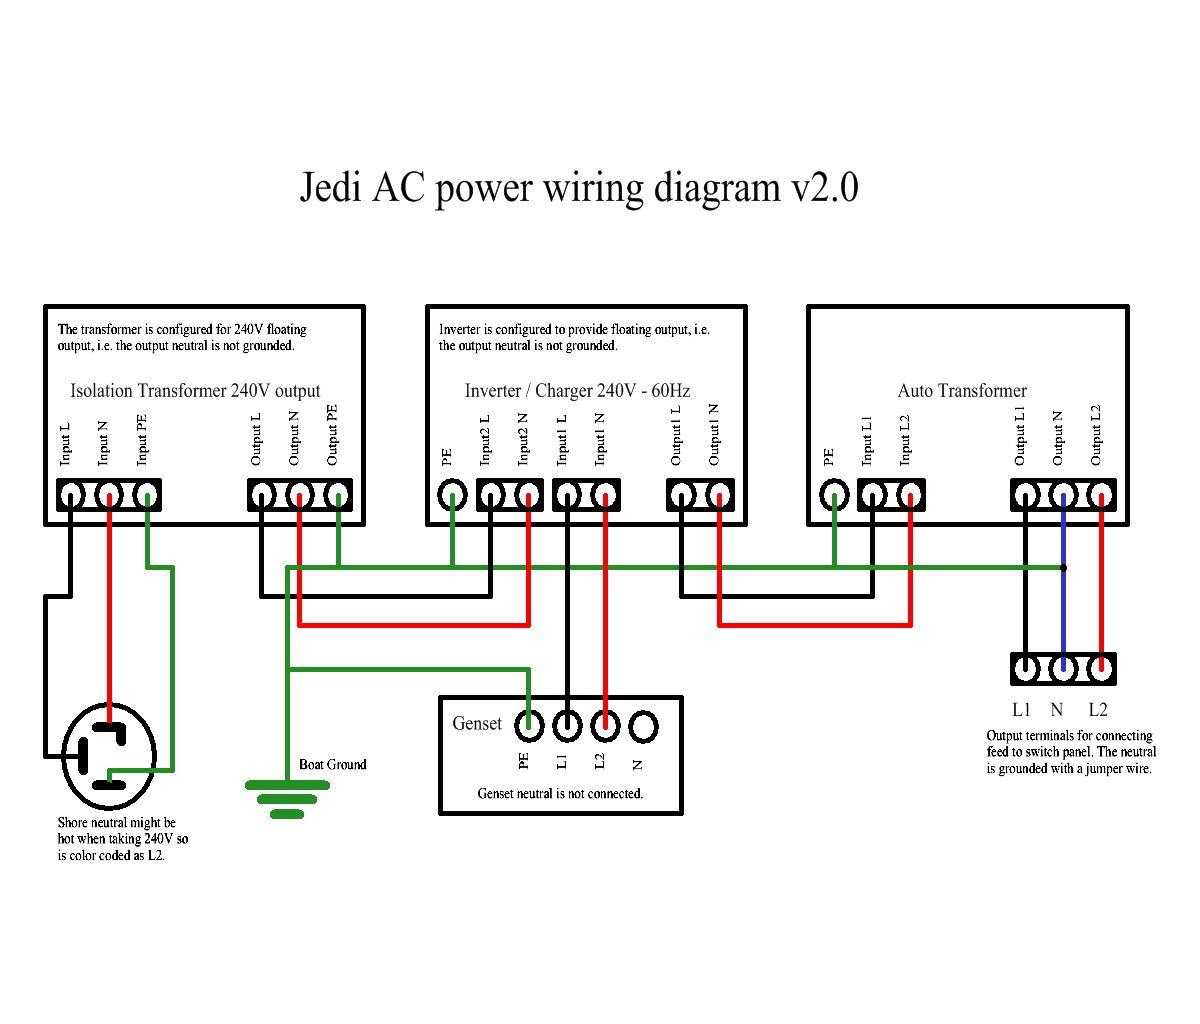 lund boat wiring diagram lund image wiring diagram standard boat wiring diagram standard wiring diagrams on lund boat wiring diagram